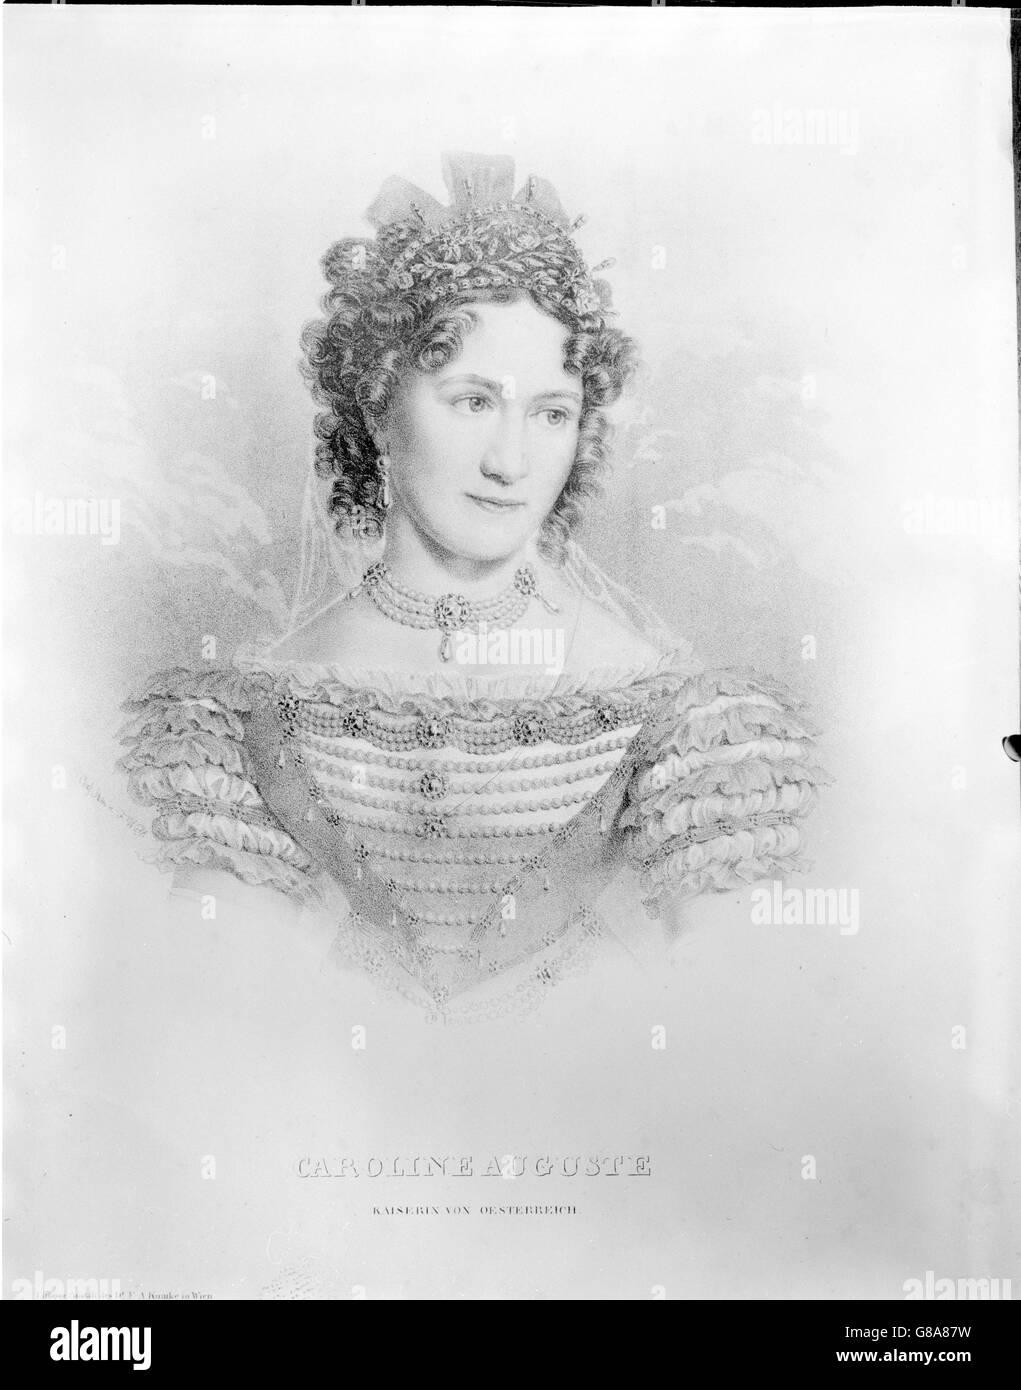 Karoline, Prinzessin von Bayern Photo Stock